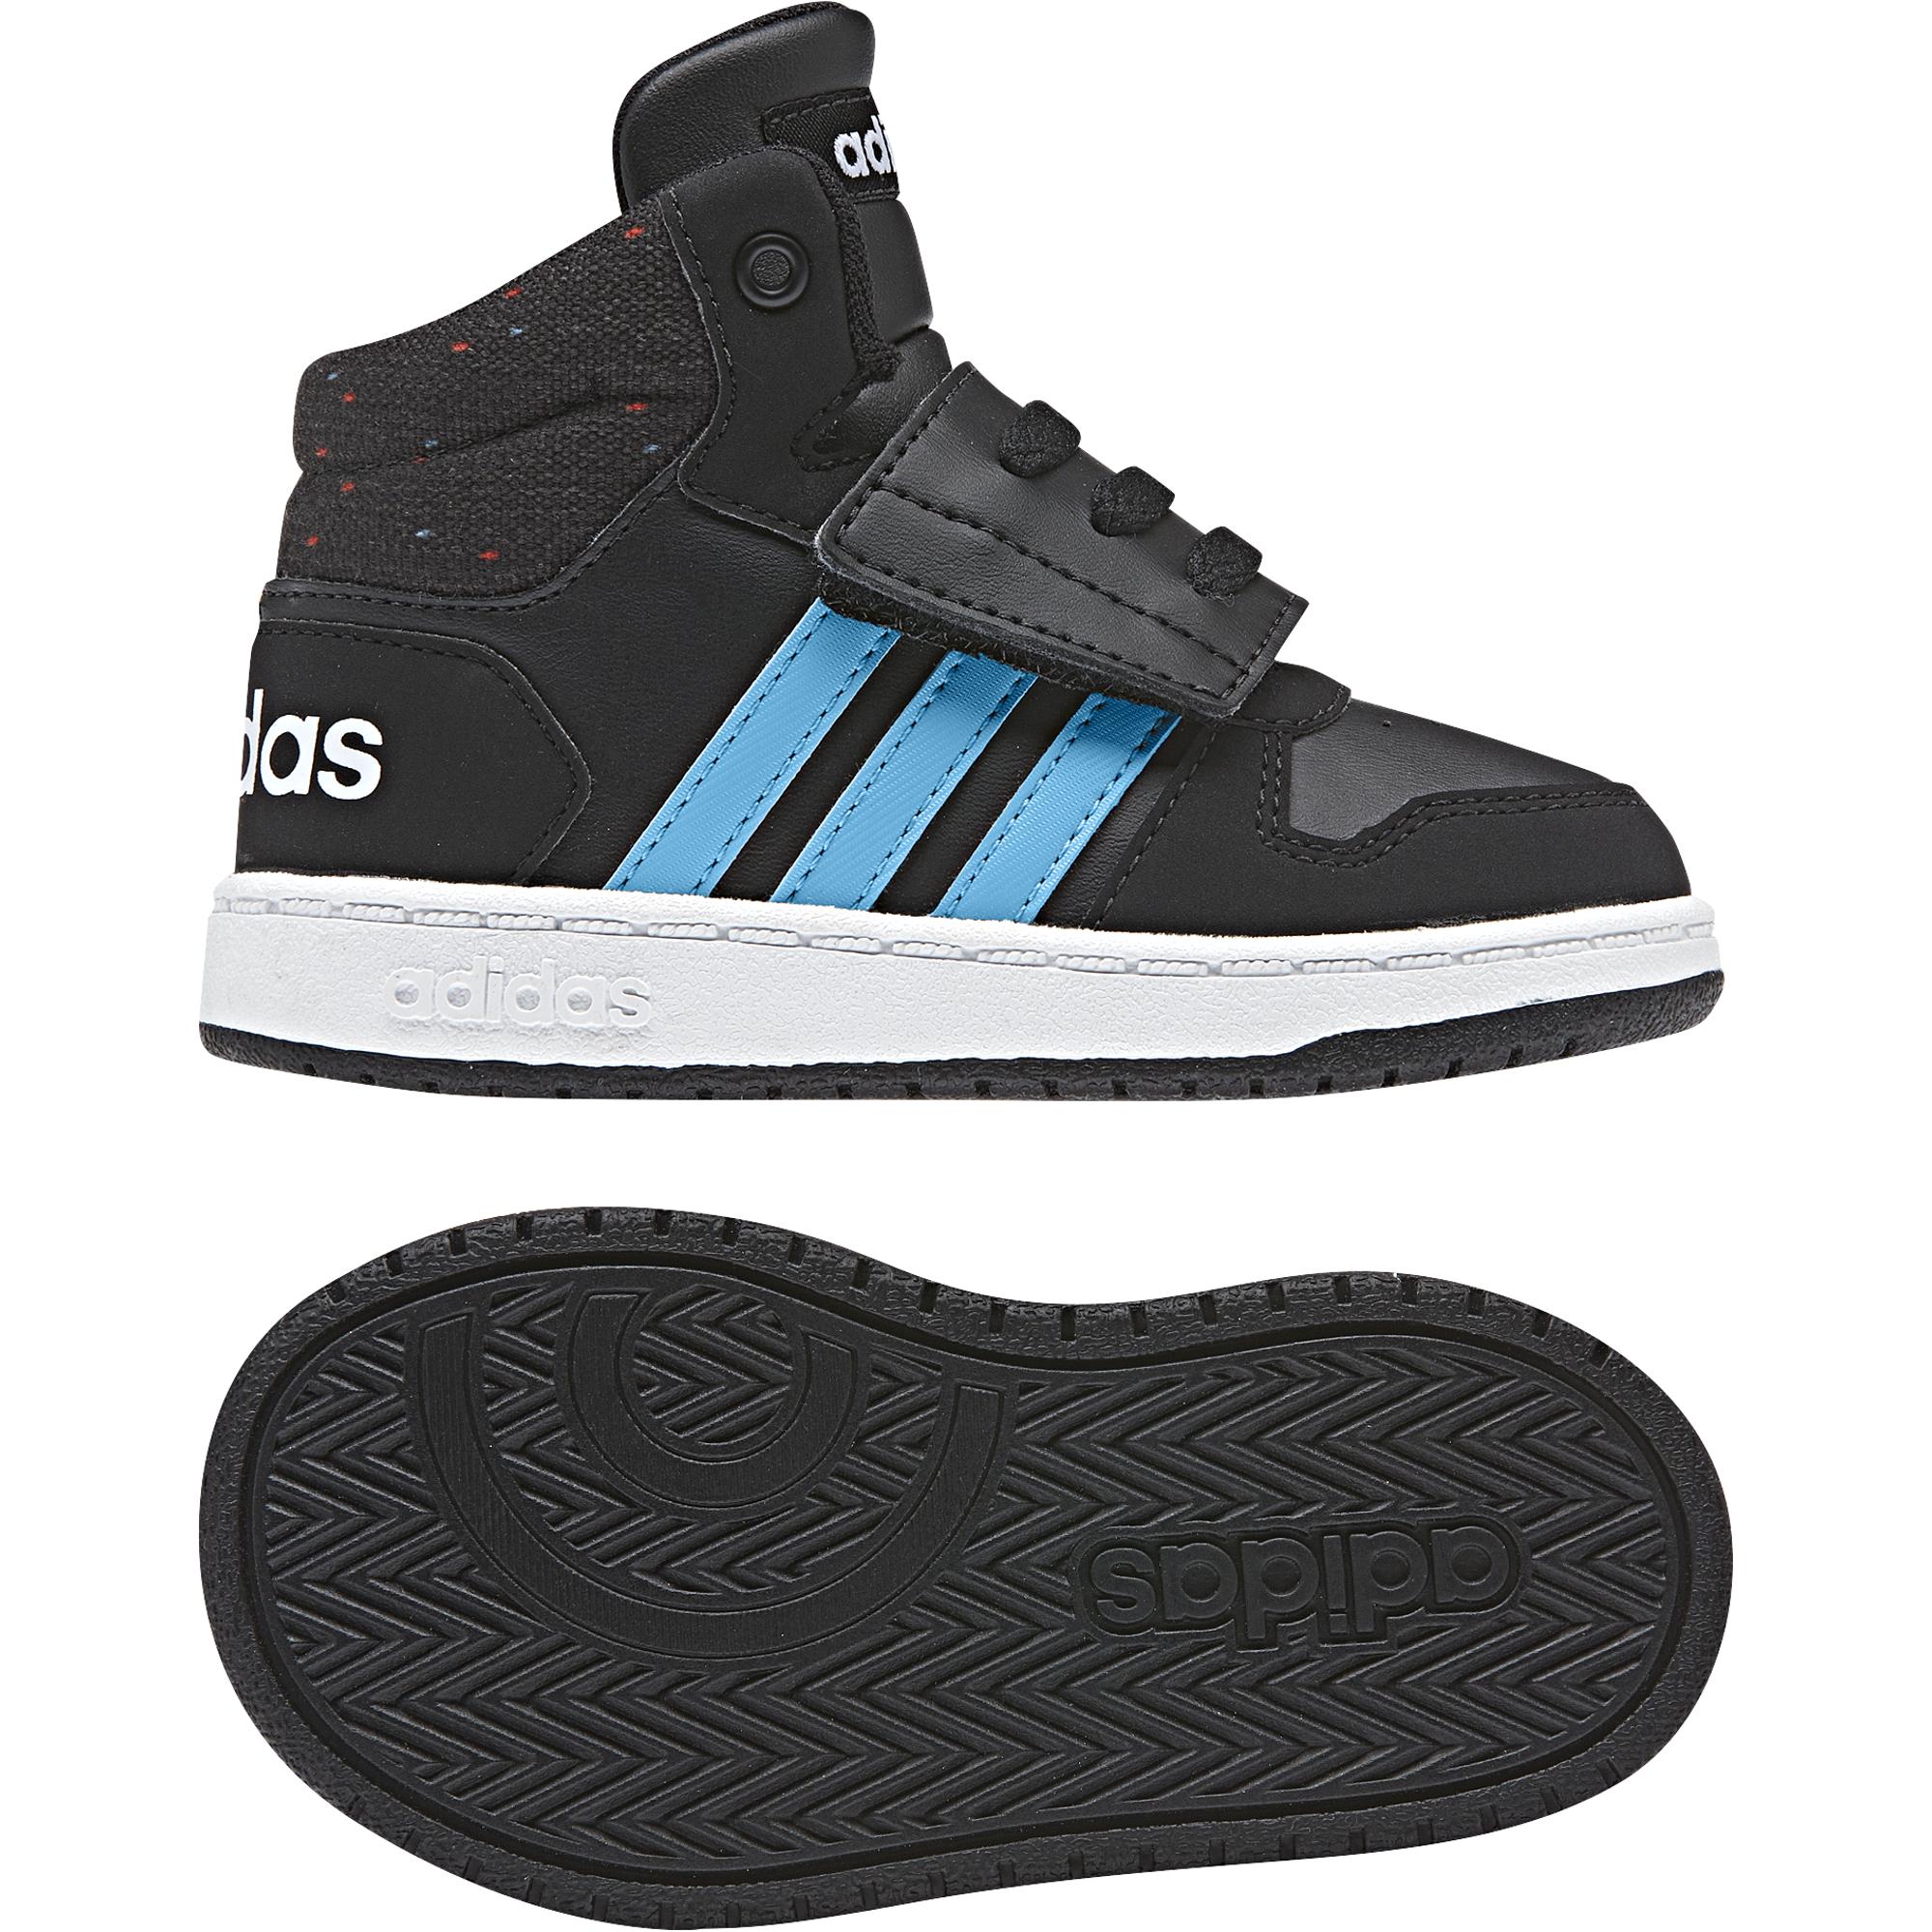 f4ddb2259d22c Tenisky adidas HOOPS MID 2.0 l, čierne | Športové oblečenie a ...